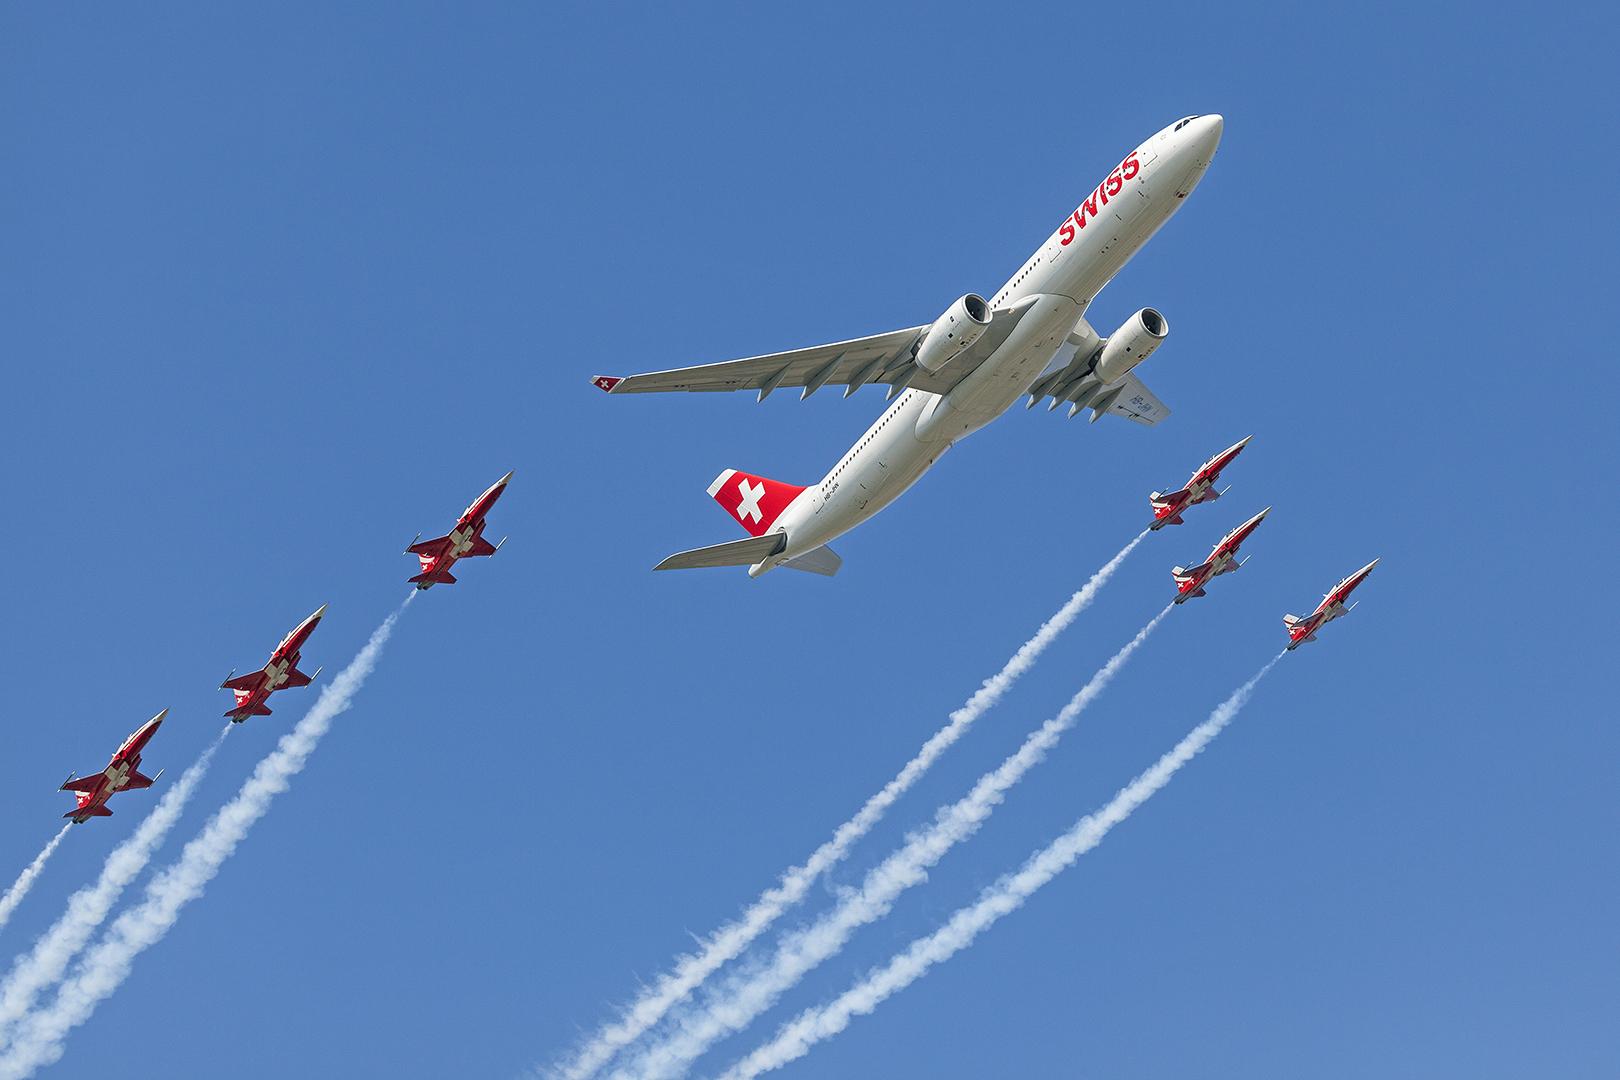 AIR14 - PATROUILLE SWISS eskortiert Airbus 320